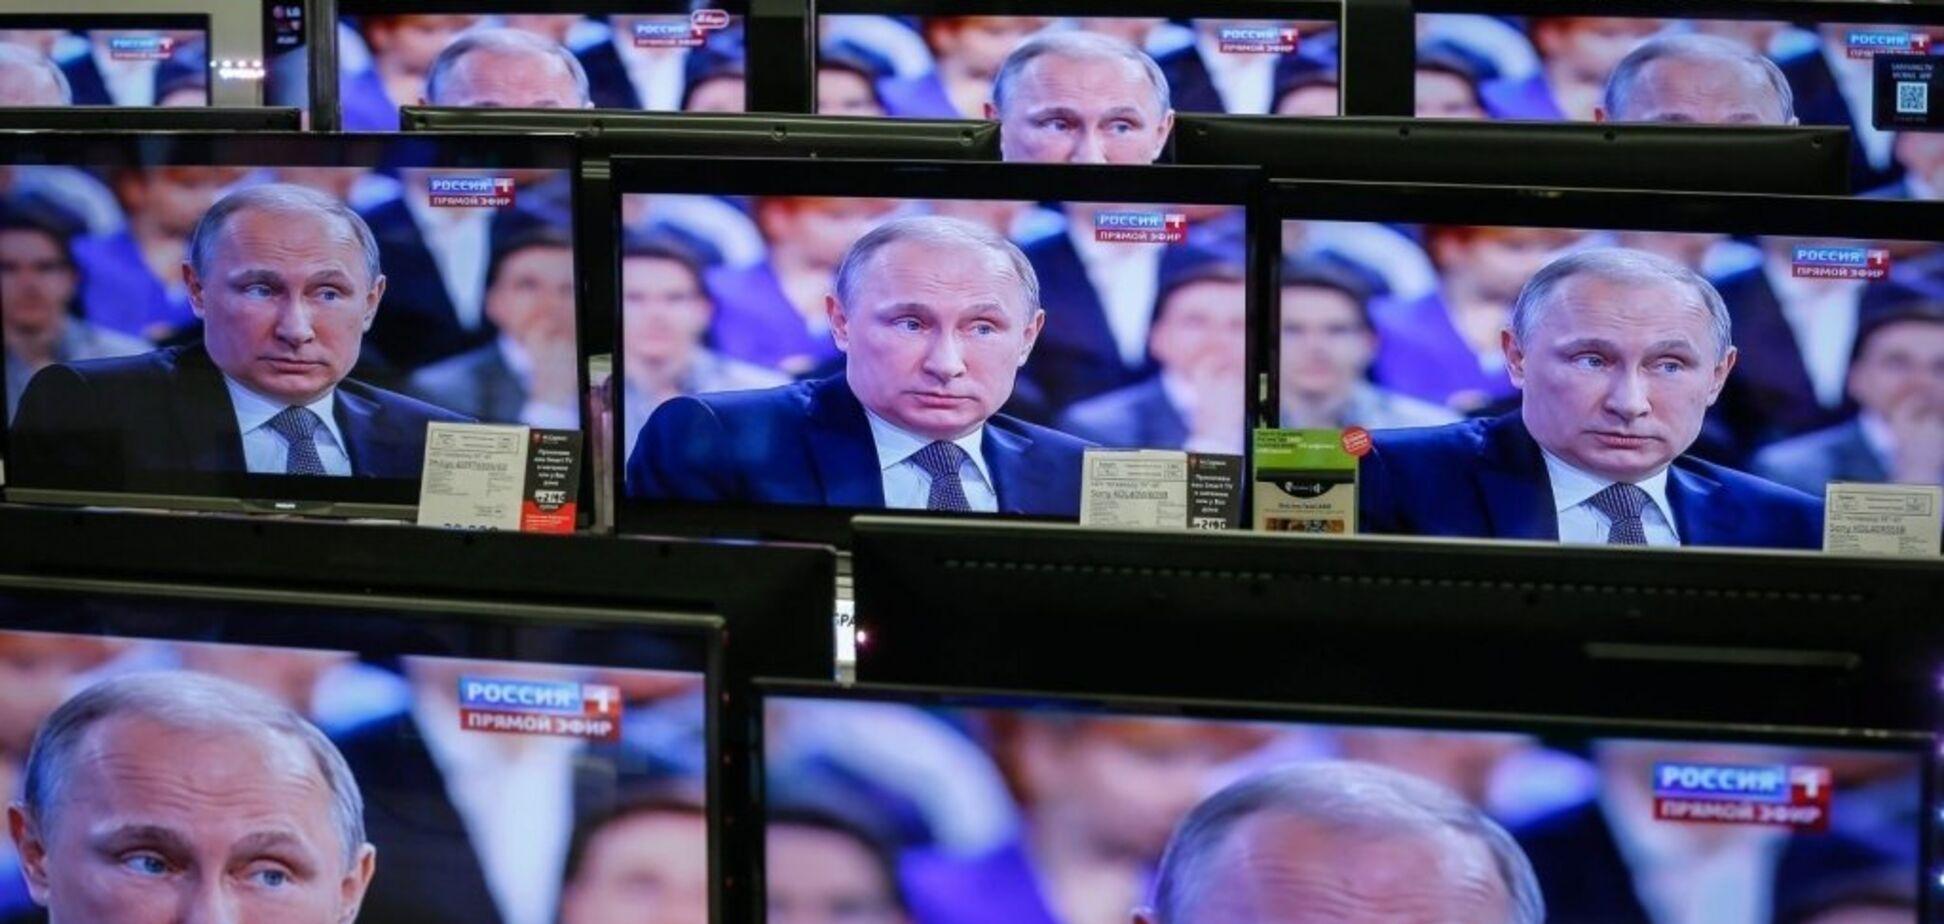 Смотри в оба: фейки российских СМИ